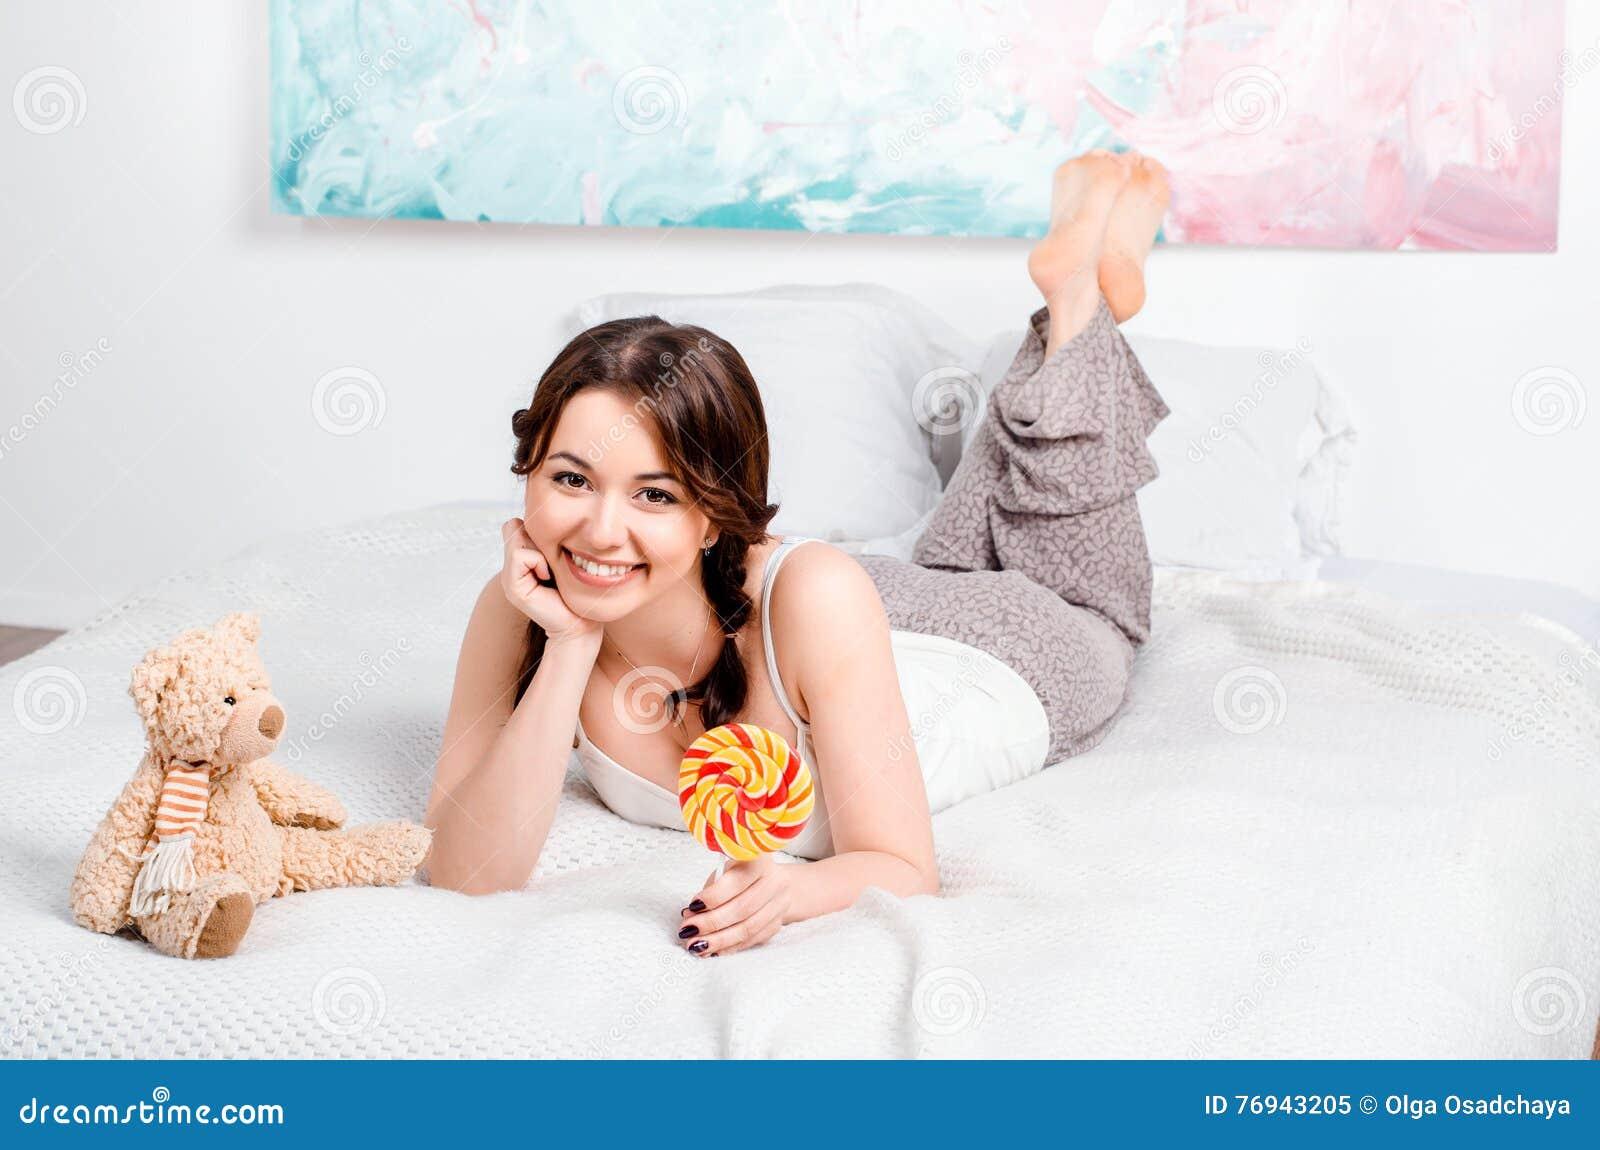 molodaya-devka-doma-foto-russkoe-porno-foto-bolshie-grudi-zrelih-zhenshin